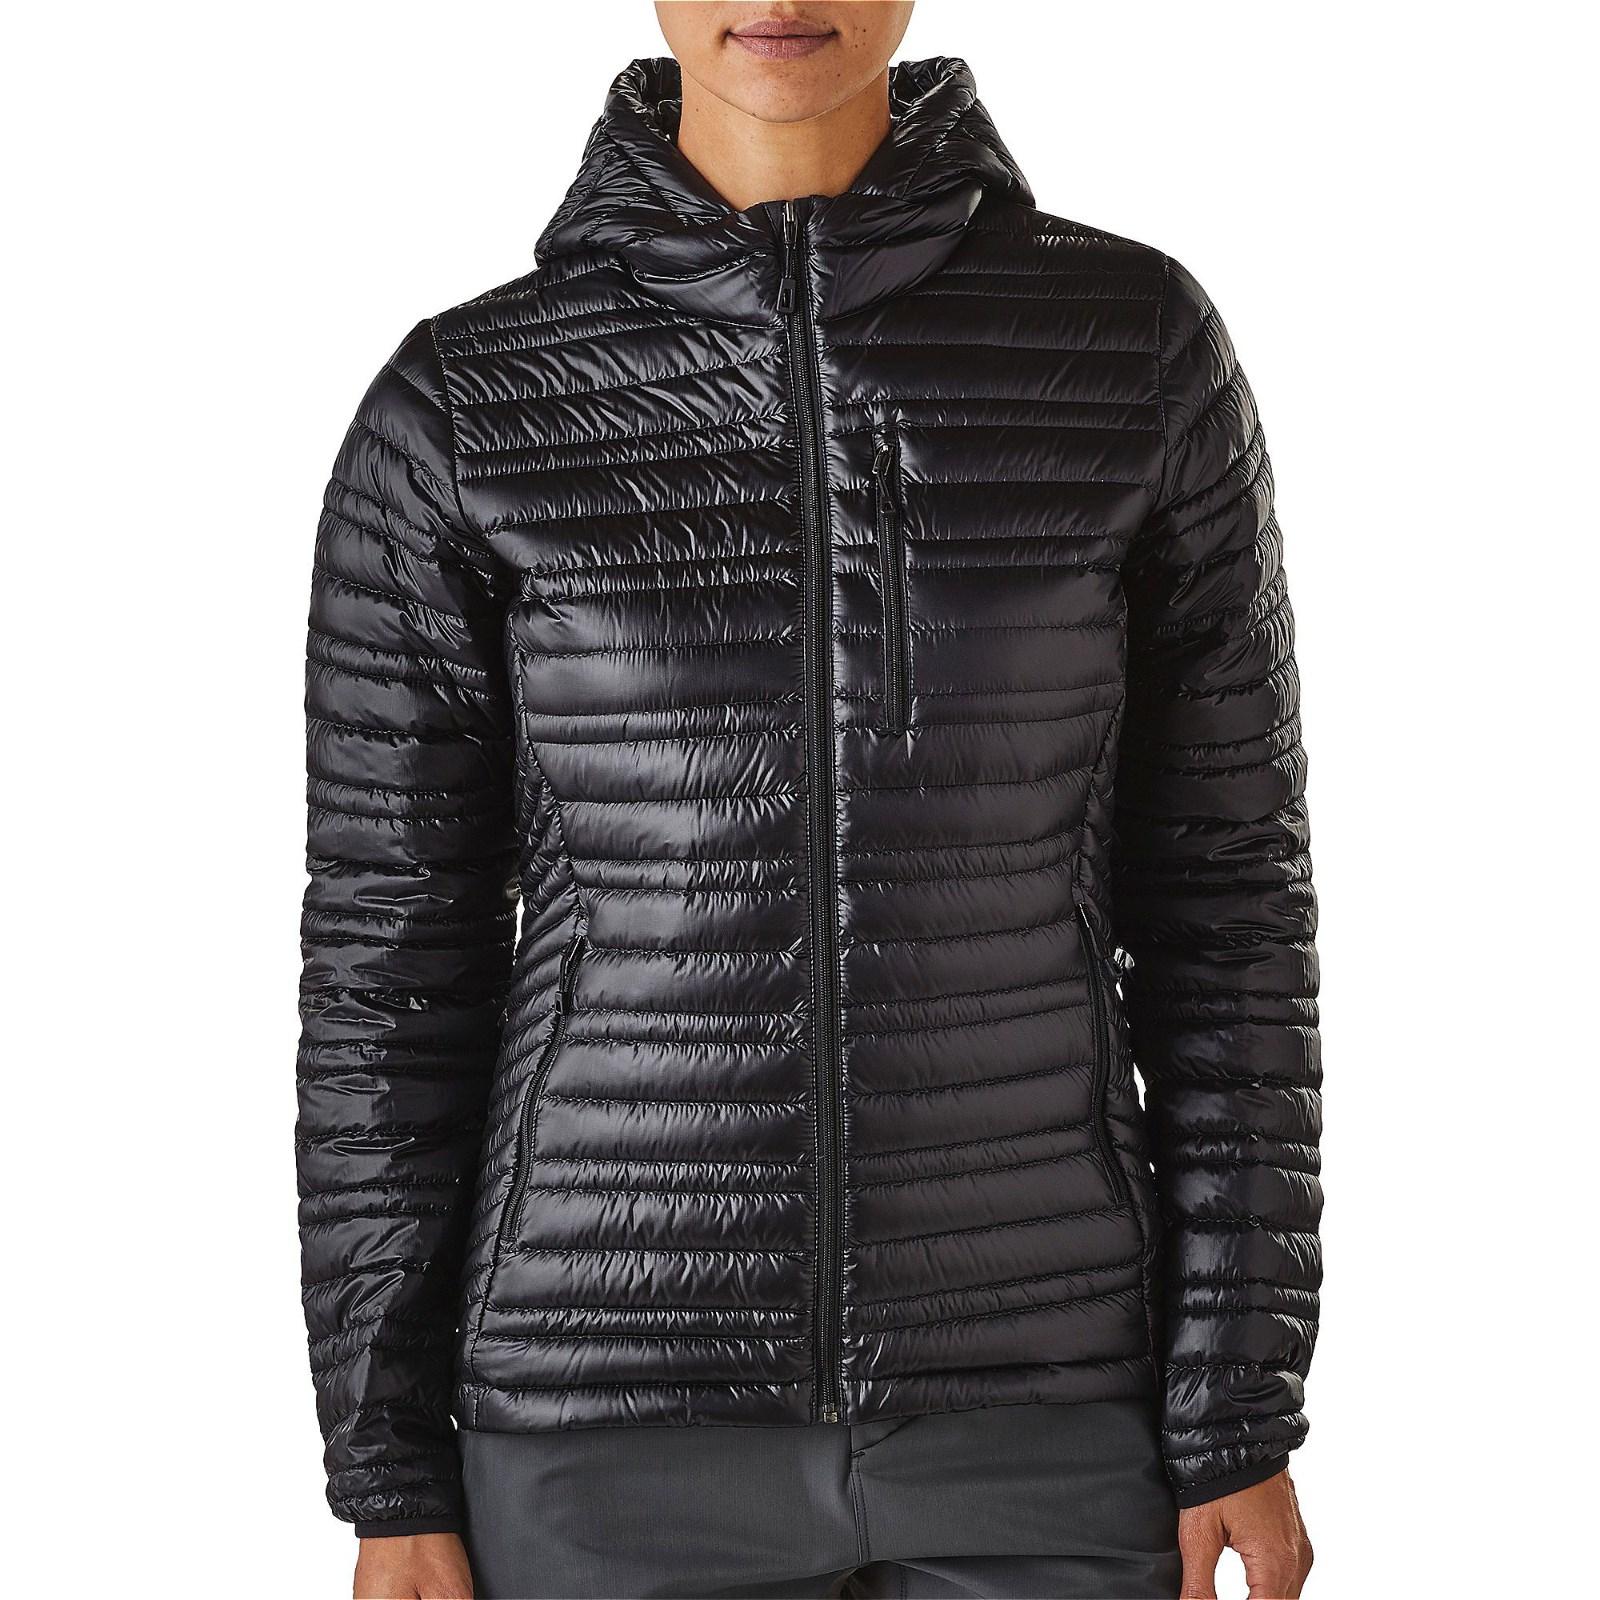 Women's Ultralight Down Hoody Jacket Manufacturers, Women's Ultralight Down Hoody Jacket Factory, Supply Women's Ultralight Down Hoody Jacket